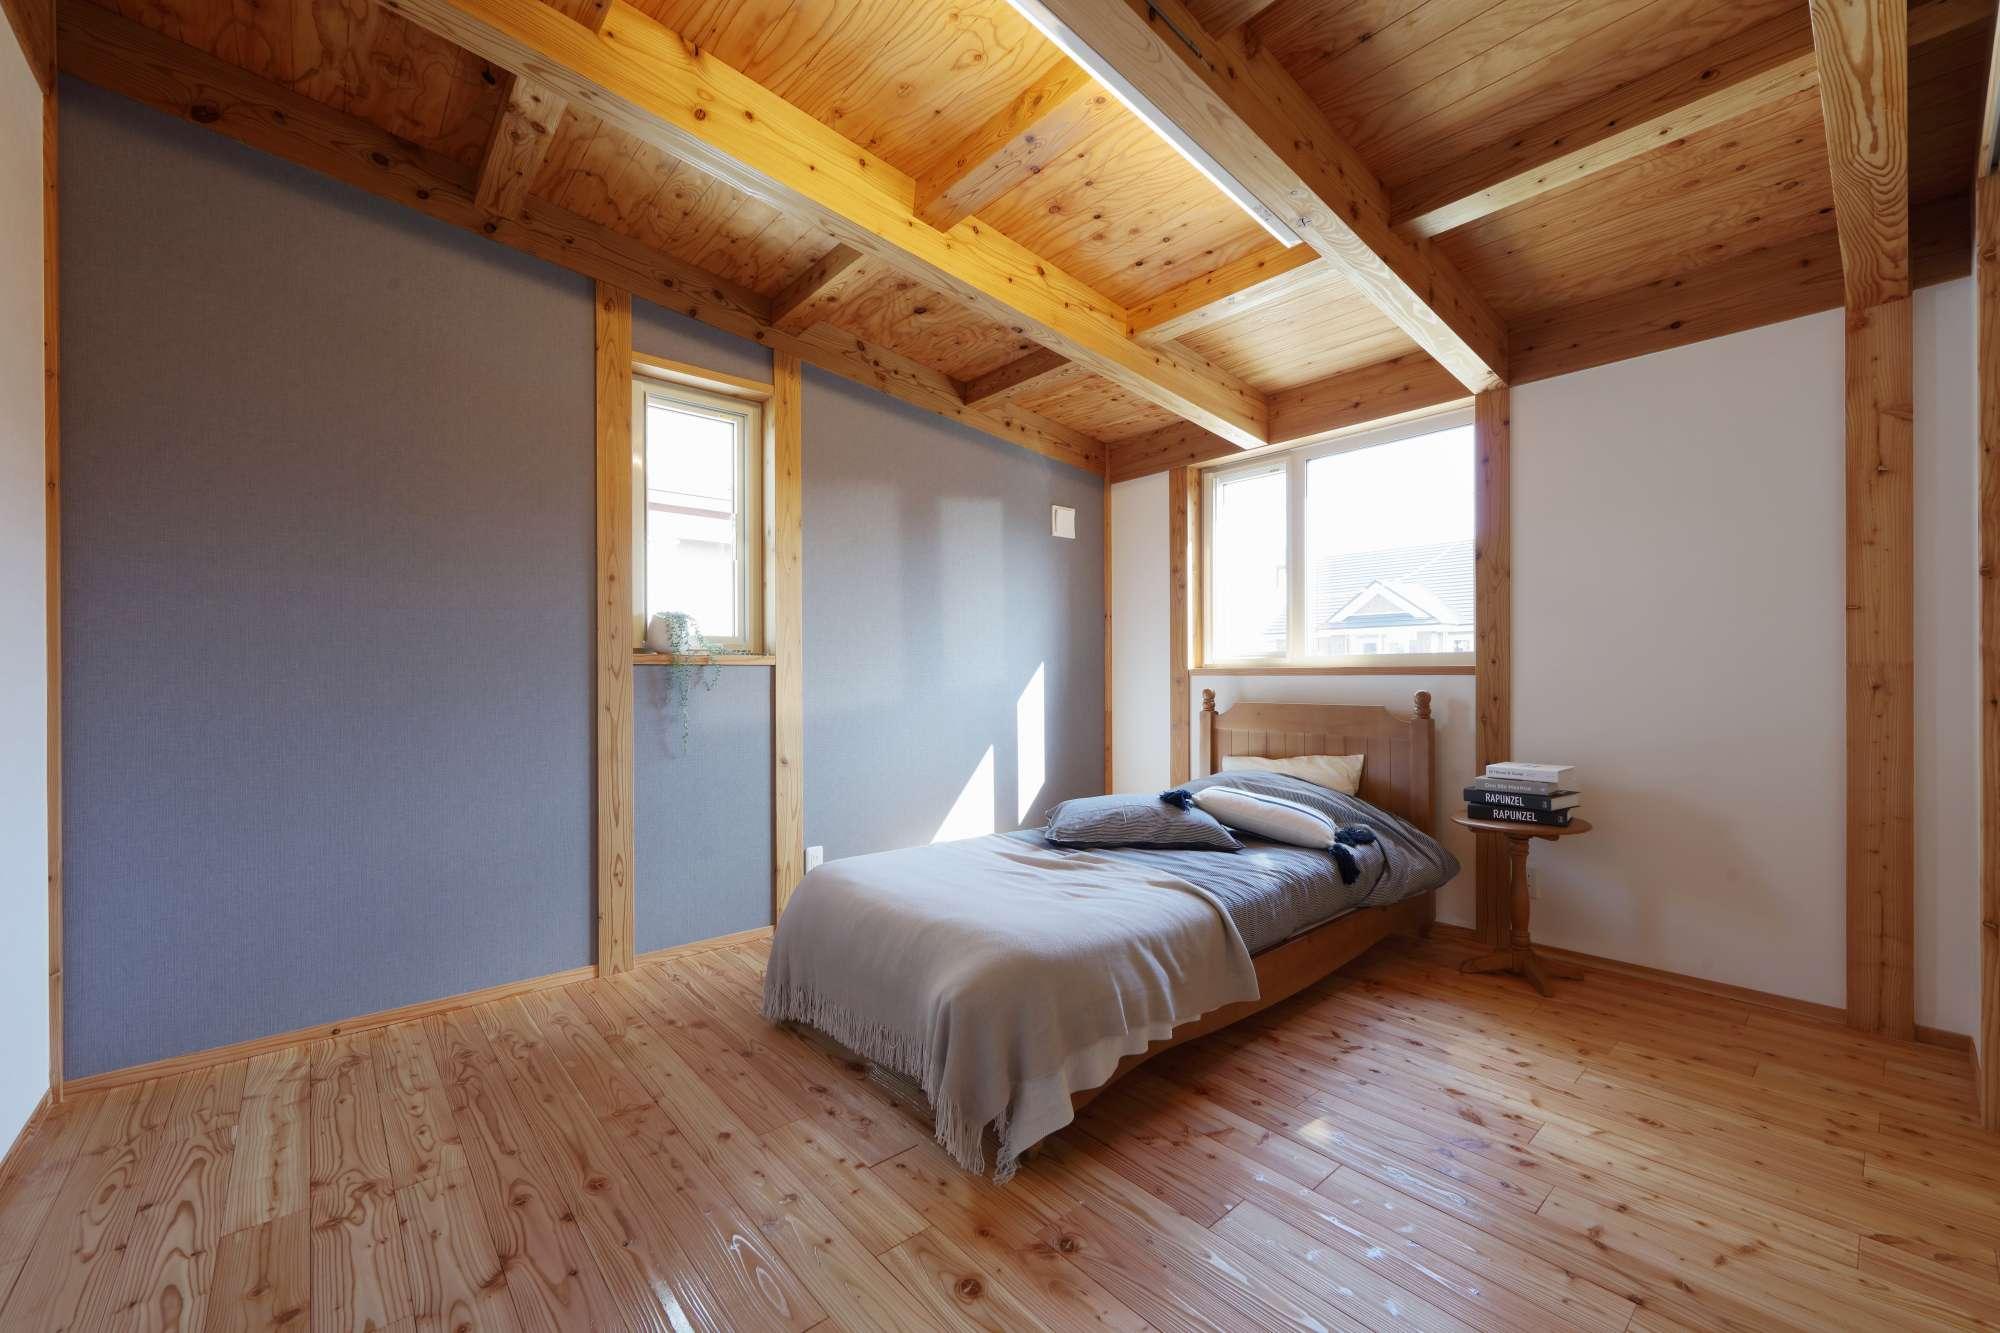 落ち着いた雰囲気の寝室 -  -  -